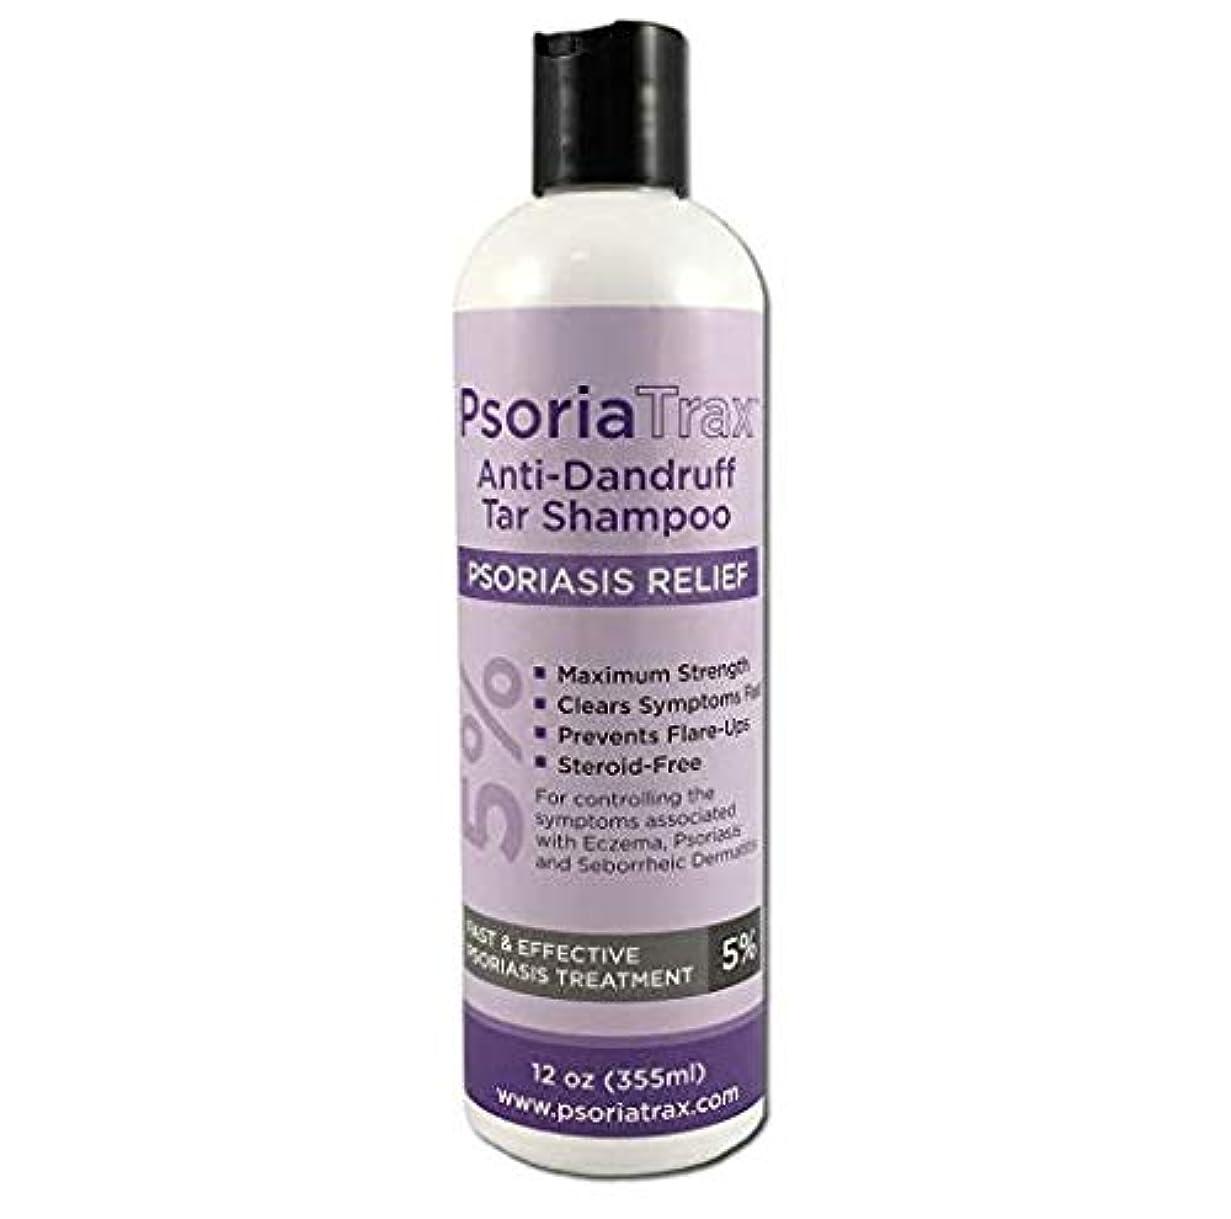 モナリザ仕方ありそう5%コールタール含有 かん癬用シャンプー Coal Tar Psoriasis Shampoo Psoriatrax 25% Coal Tar Solution 12oz Bottles- Psoriasis - Equivalent...